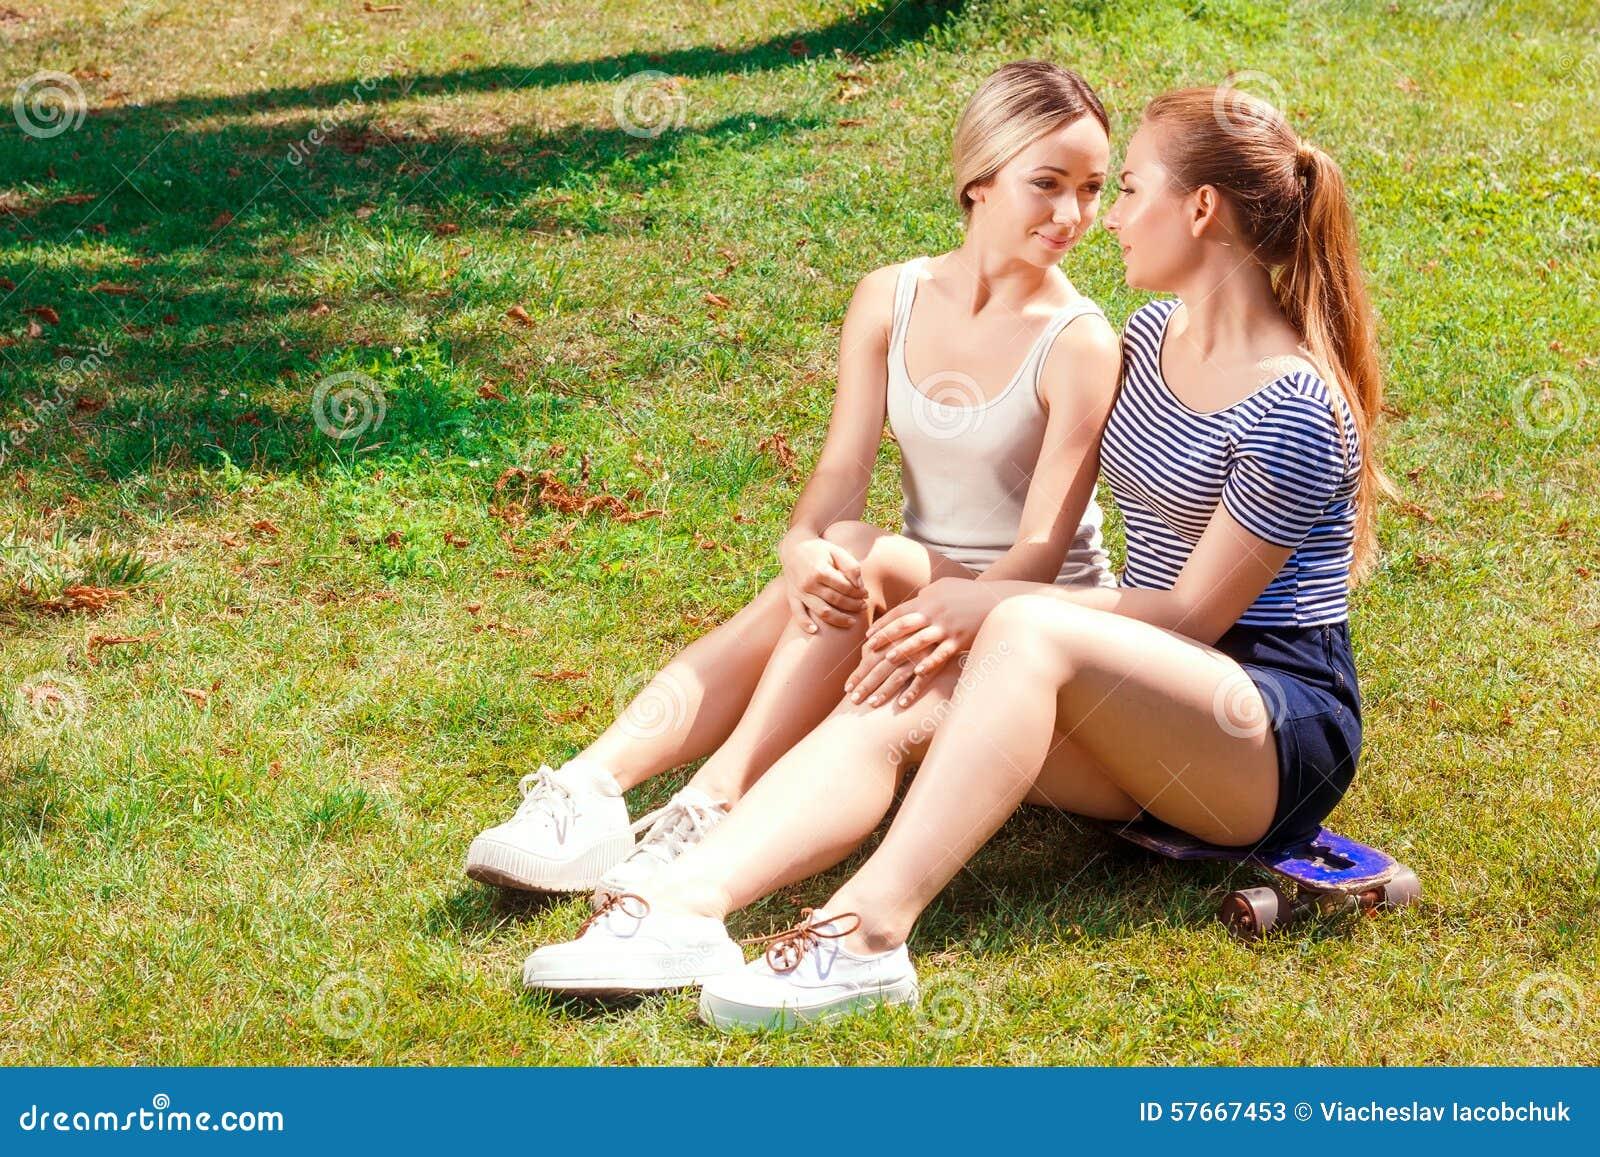 Лесбиянки на траве